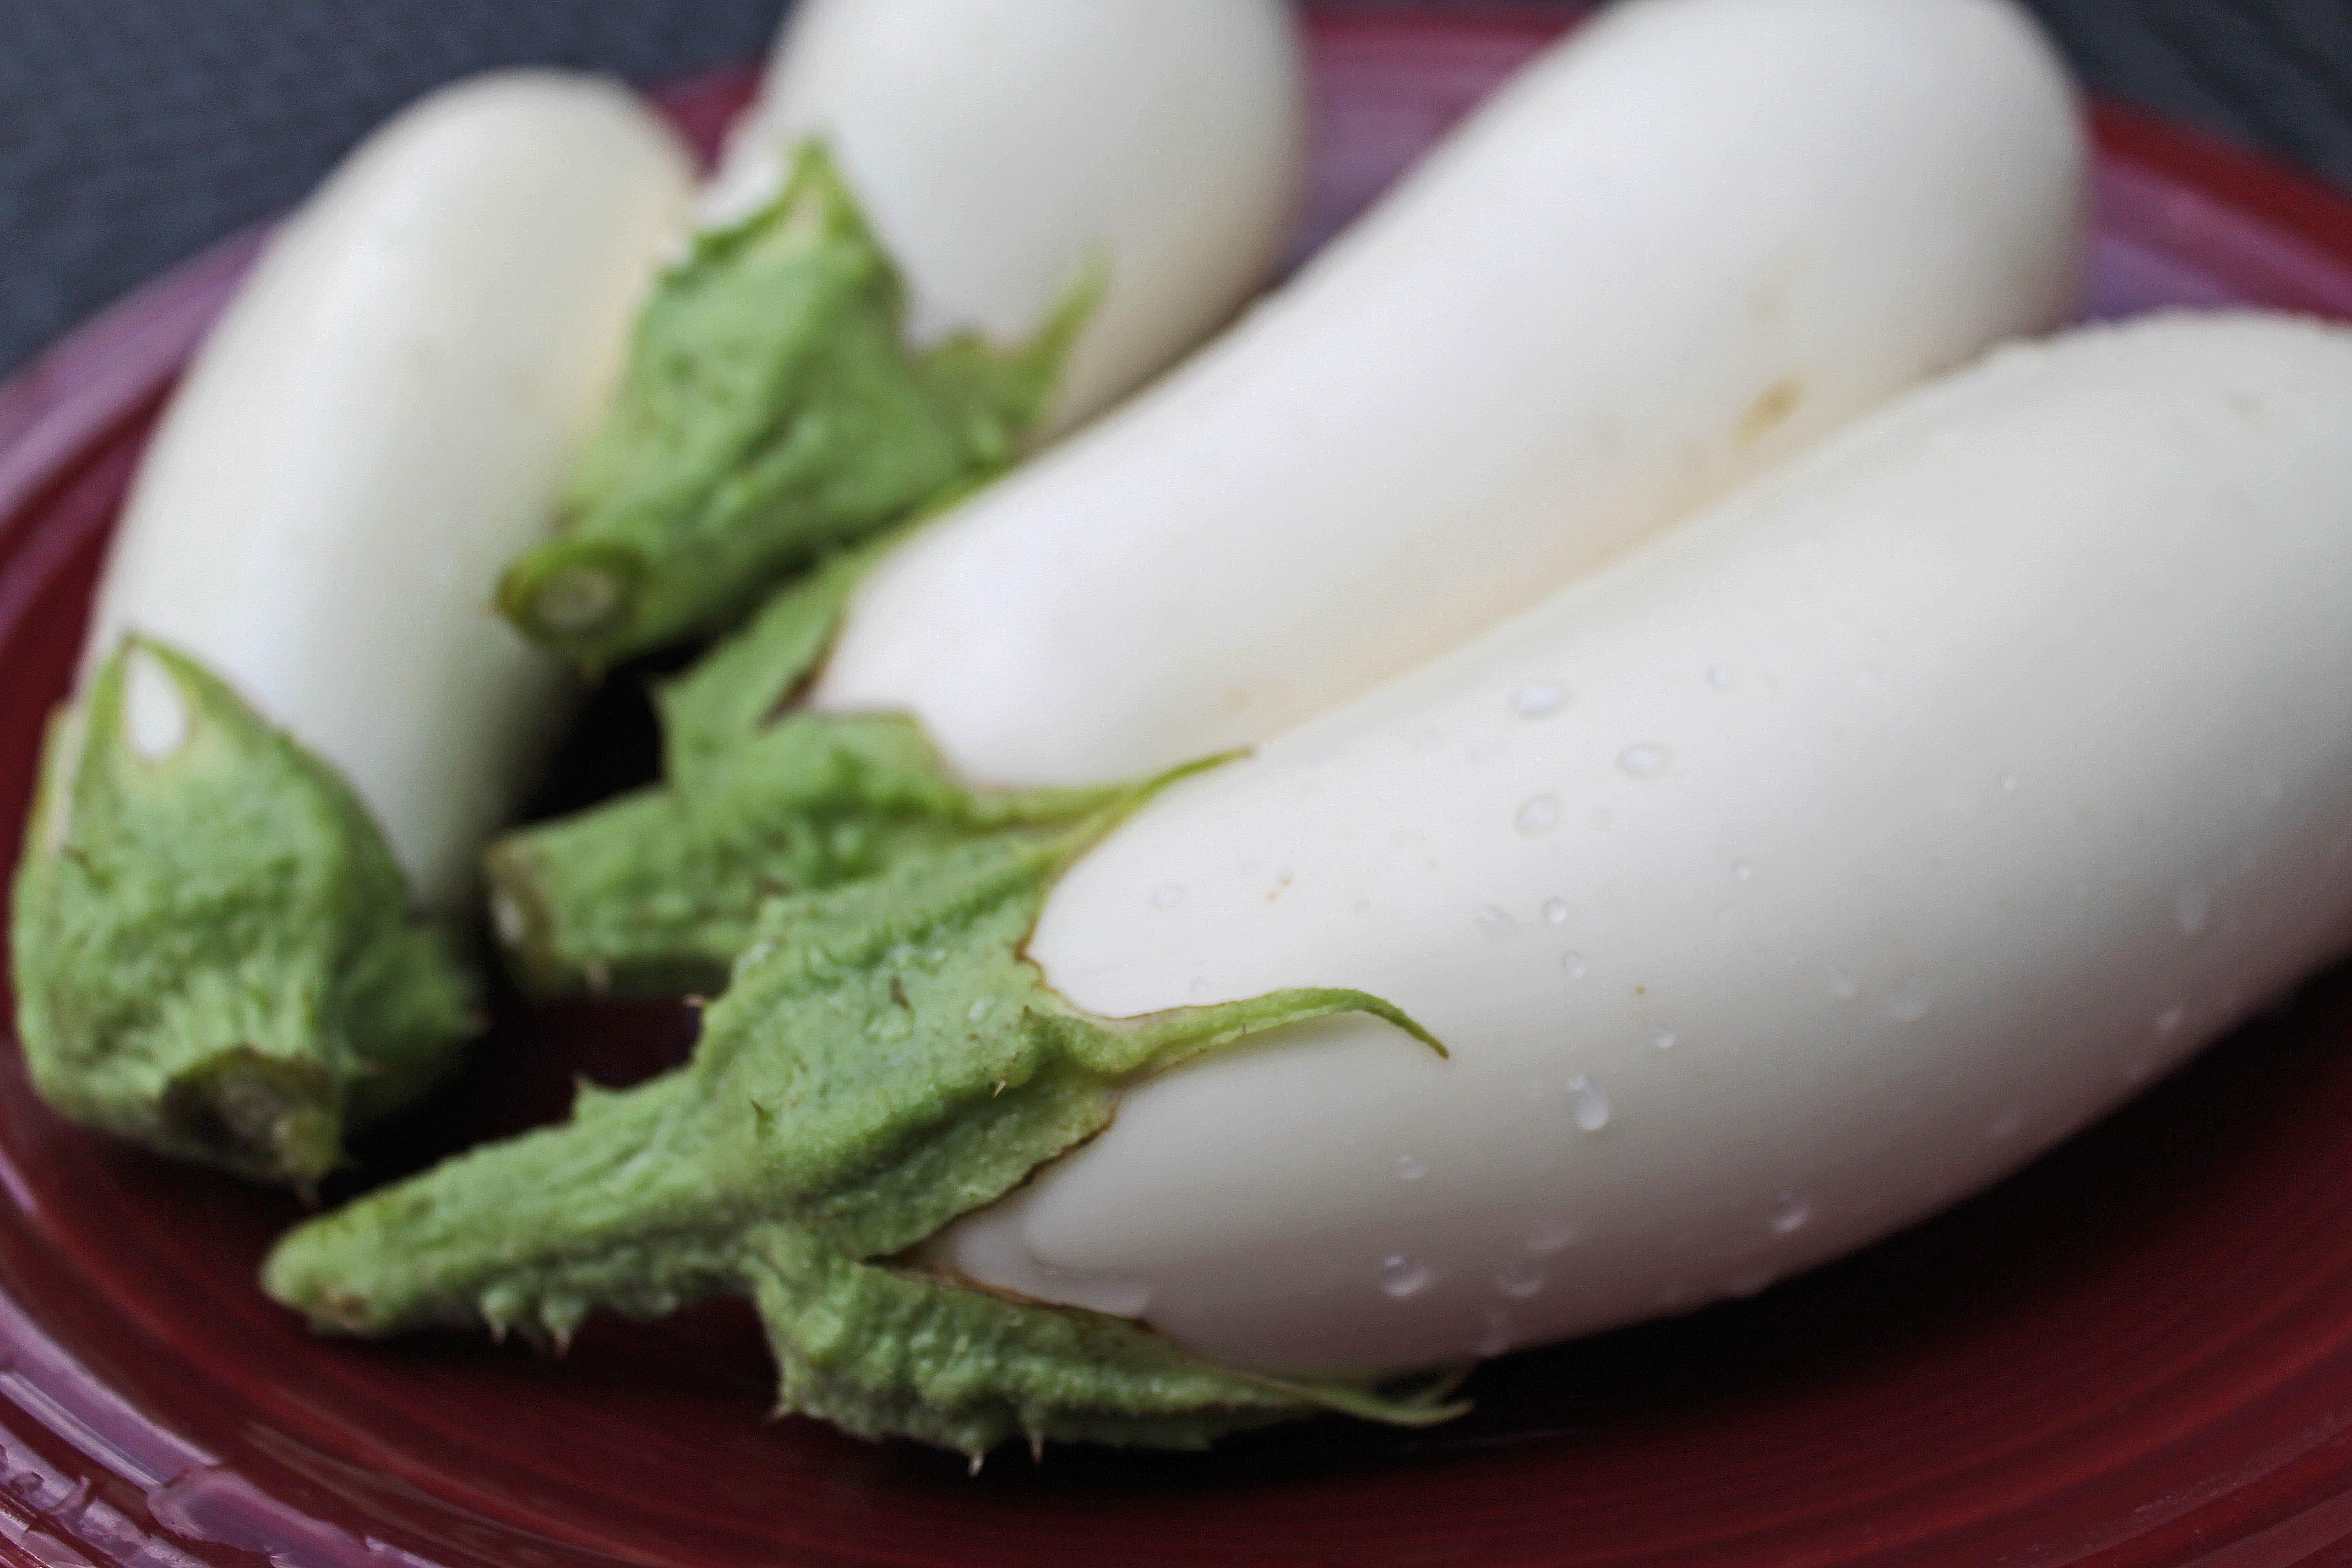 白ナス ホワイトベルの栽培方法